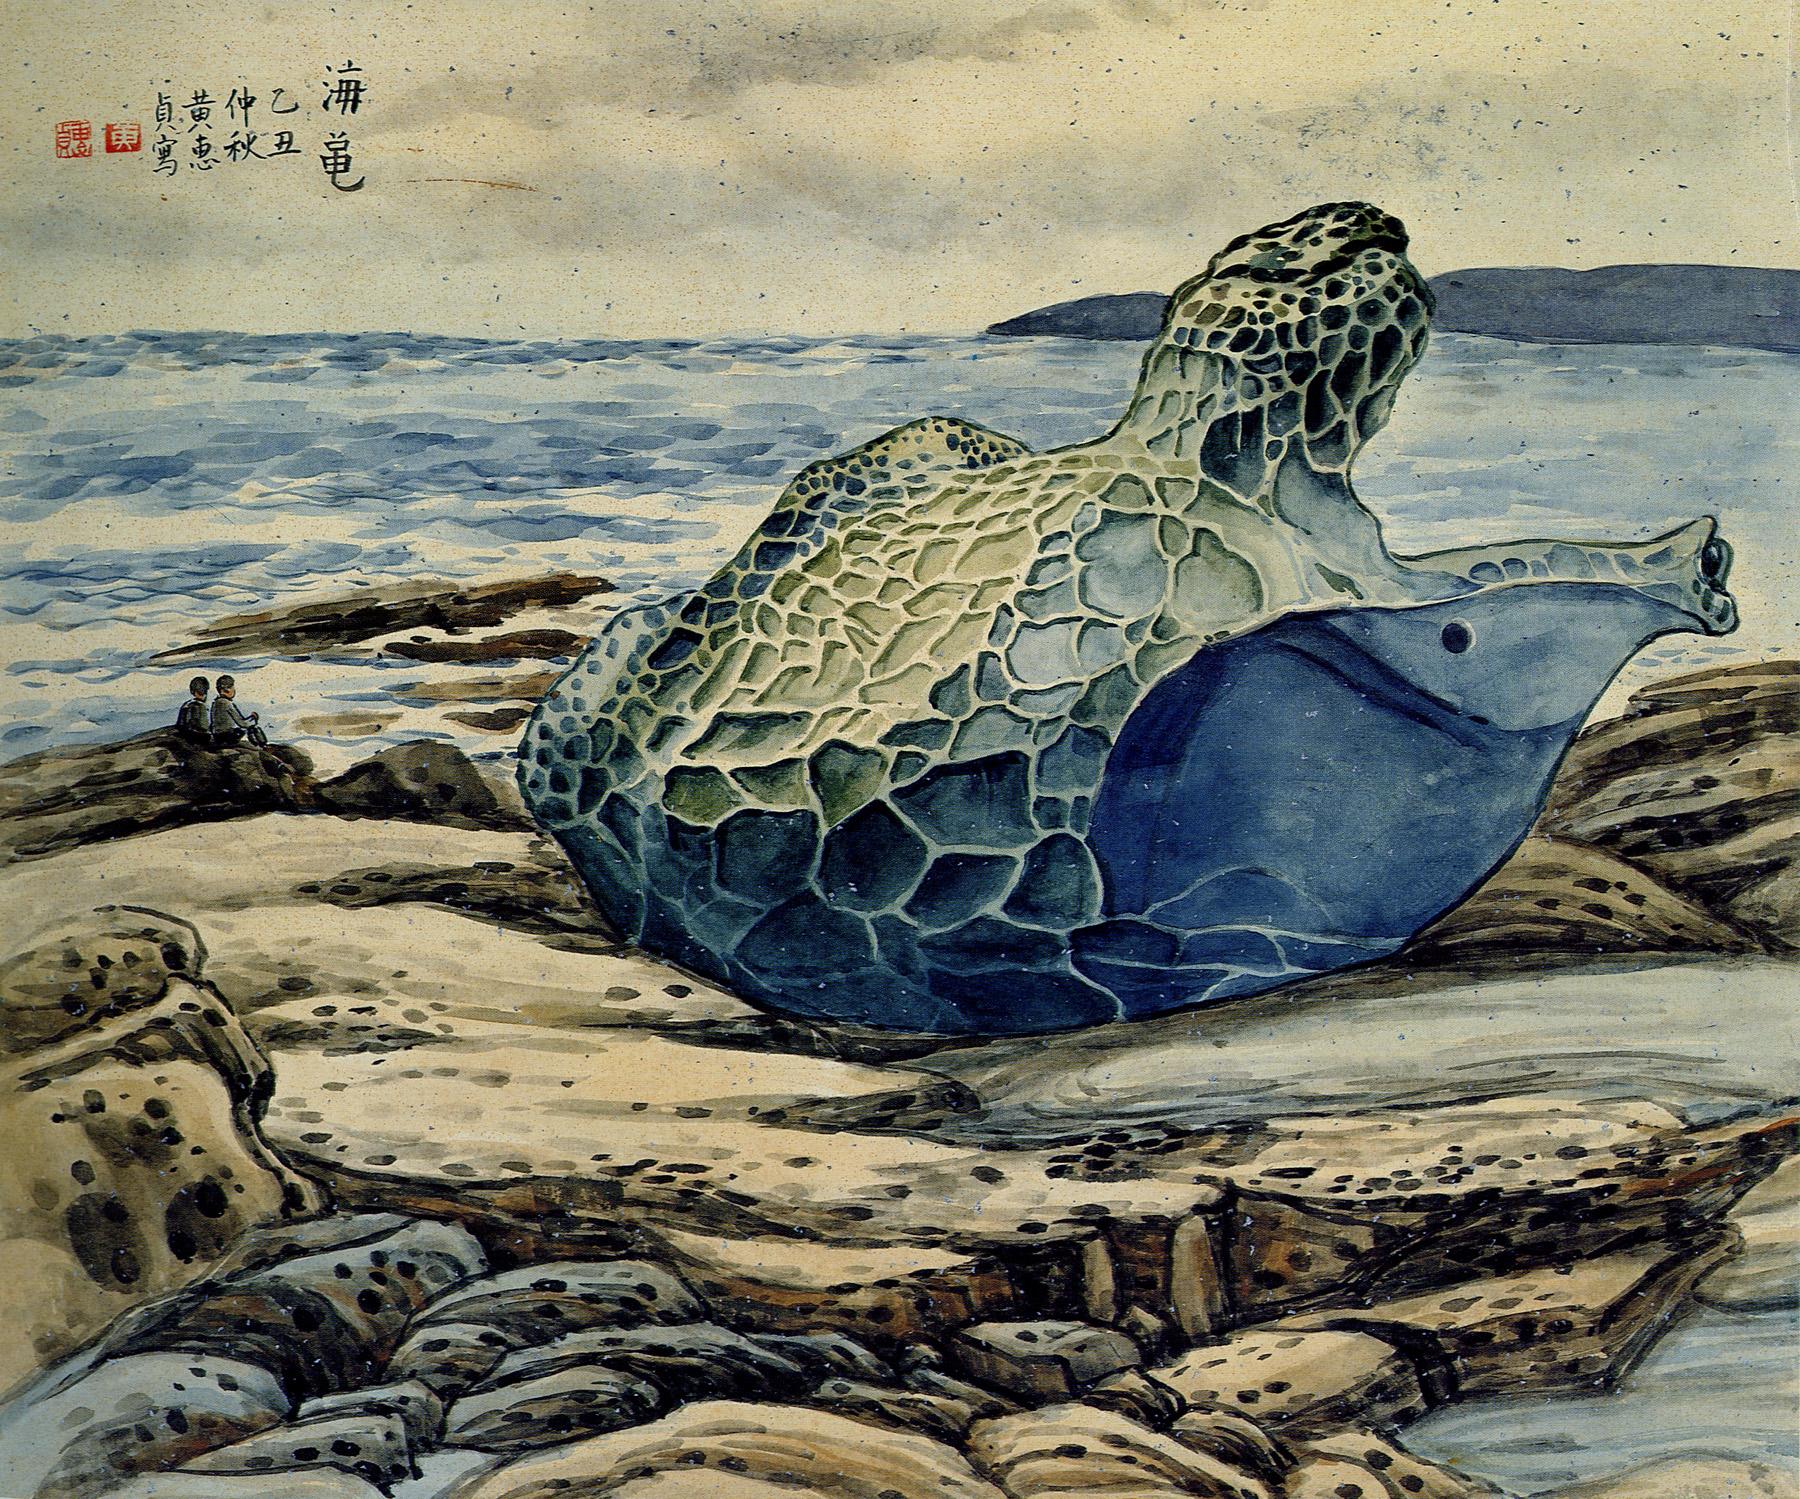 海龜 [ 自動播放 ] 上一件作品:地熱谷記遊 | 下一件作品:石筍寶... 全球華人藝術網